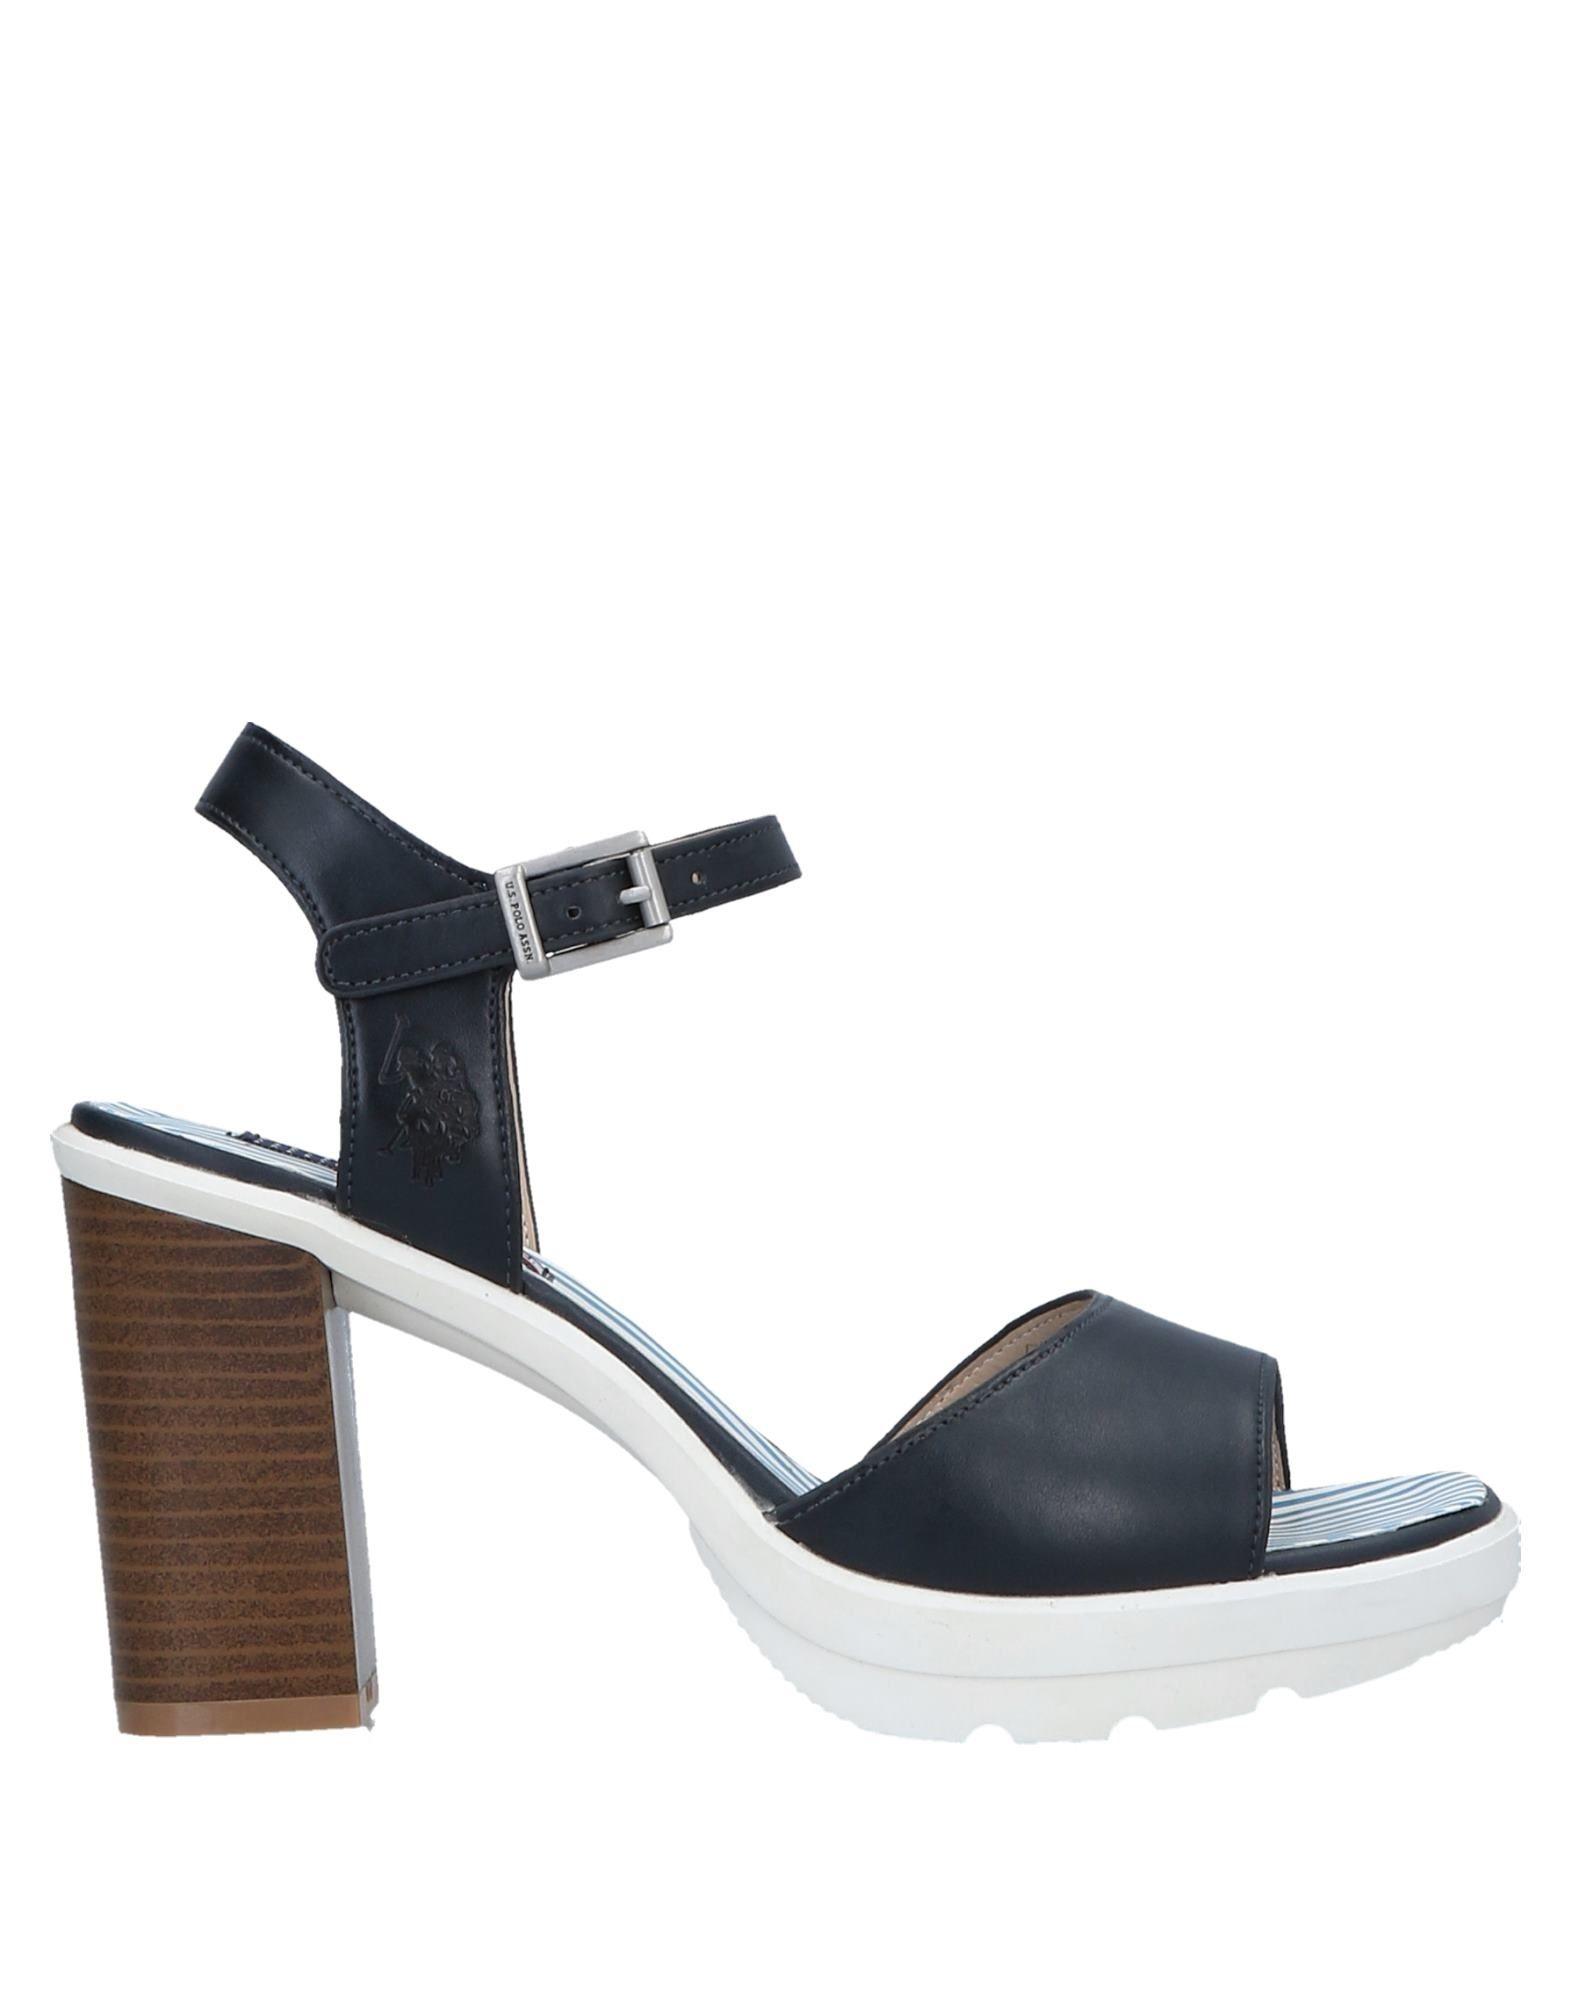 U.S.Polo Assn. Assn. Sandals - Women U.S.Polo Assn. Assn. Sandals online on  United Kingdom - 11499871JR 7a6f0d